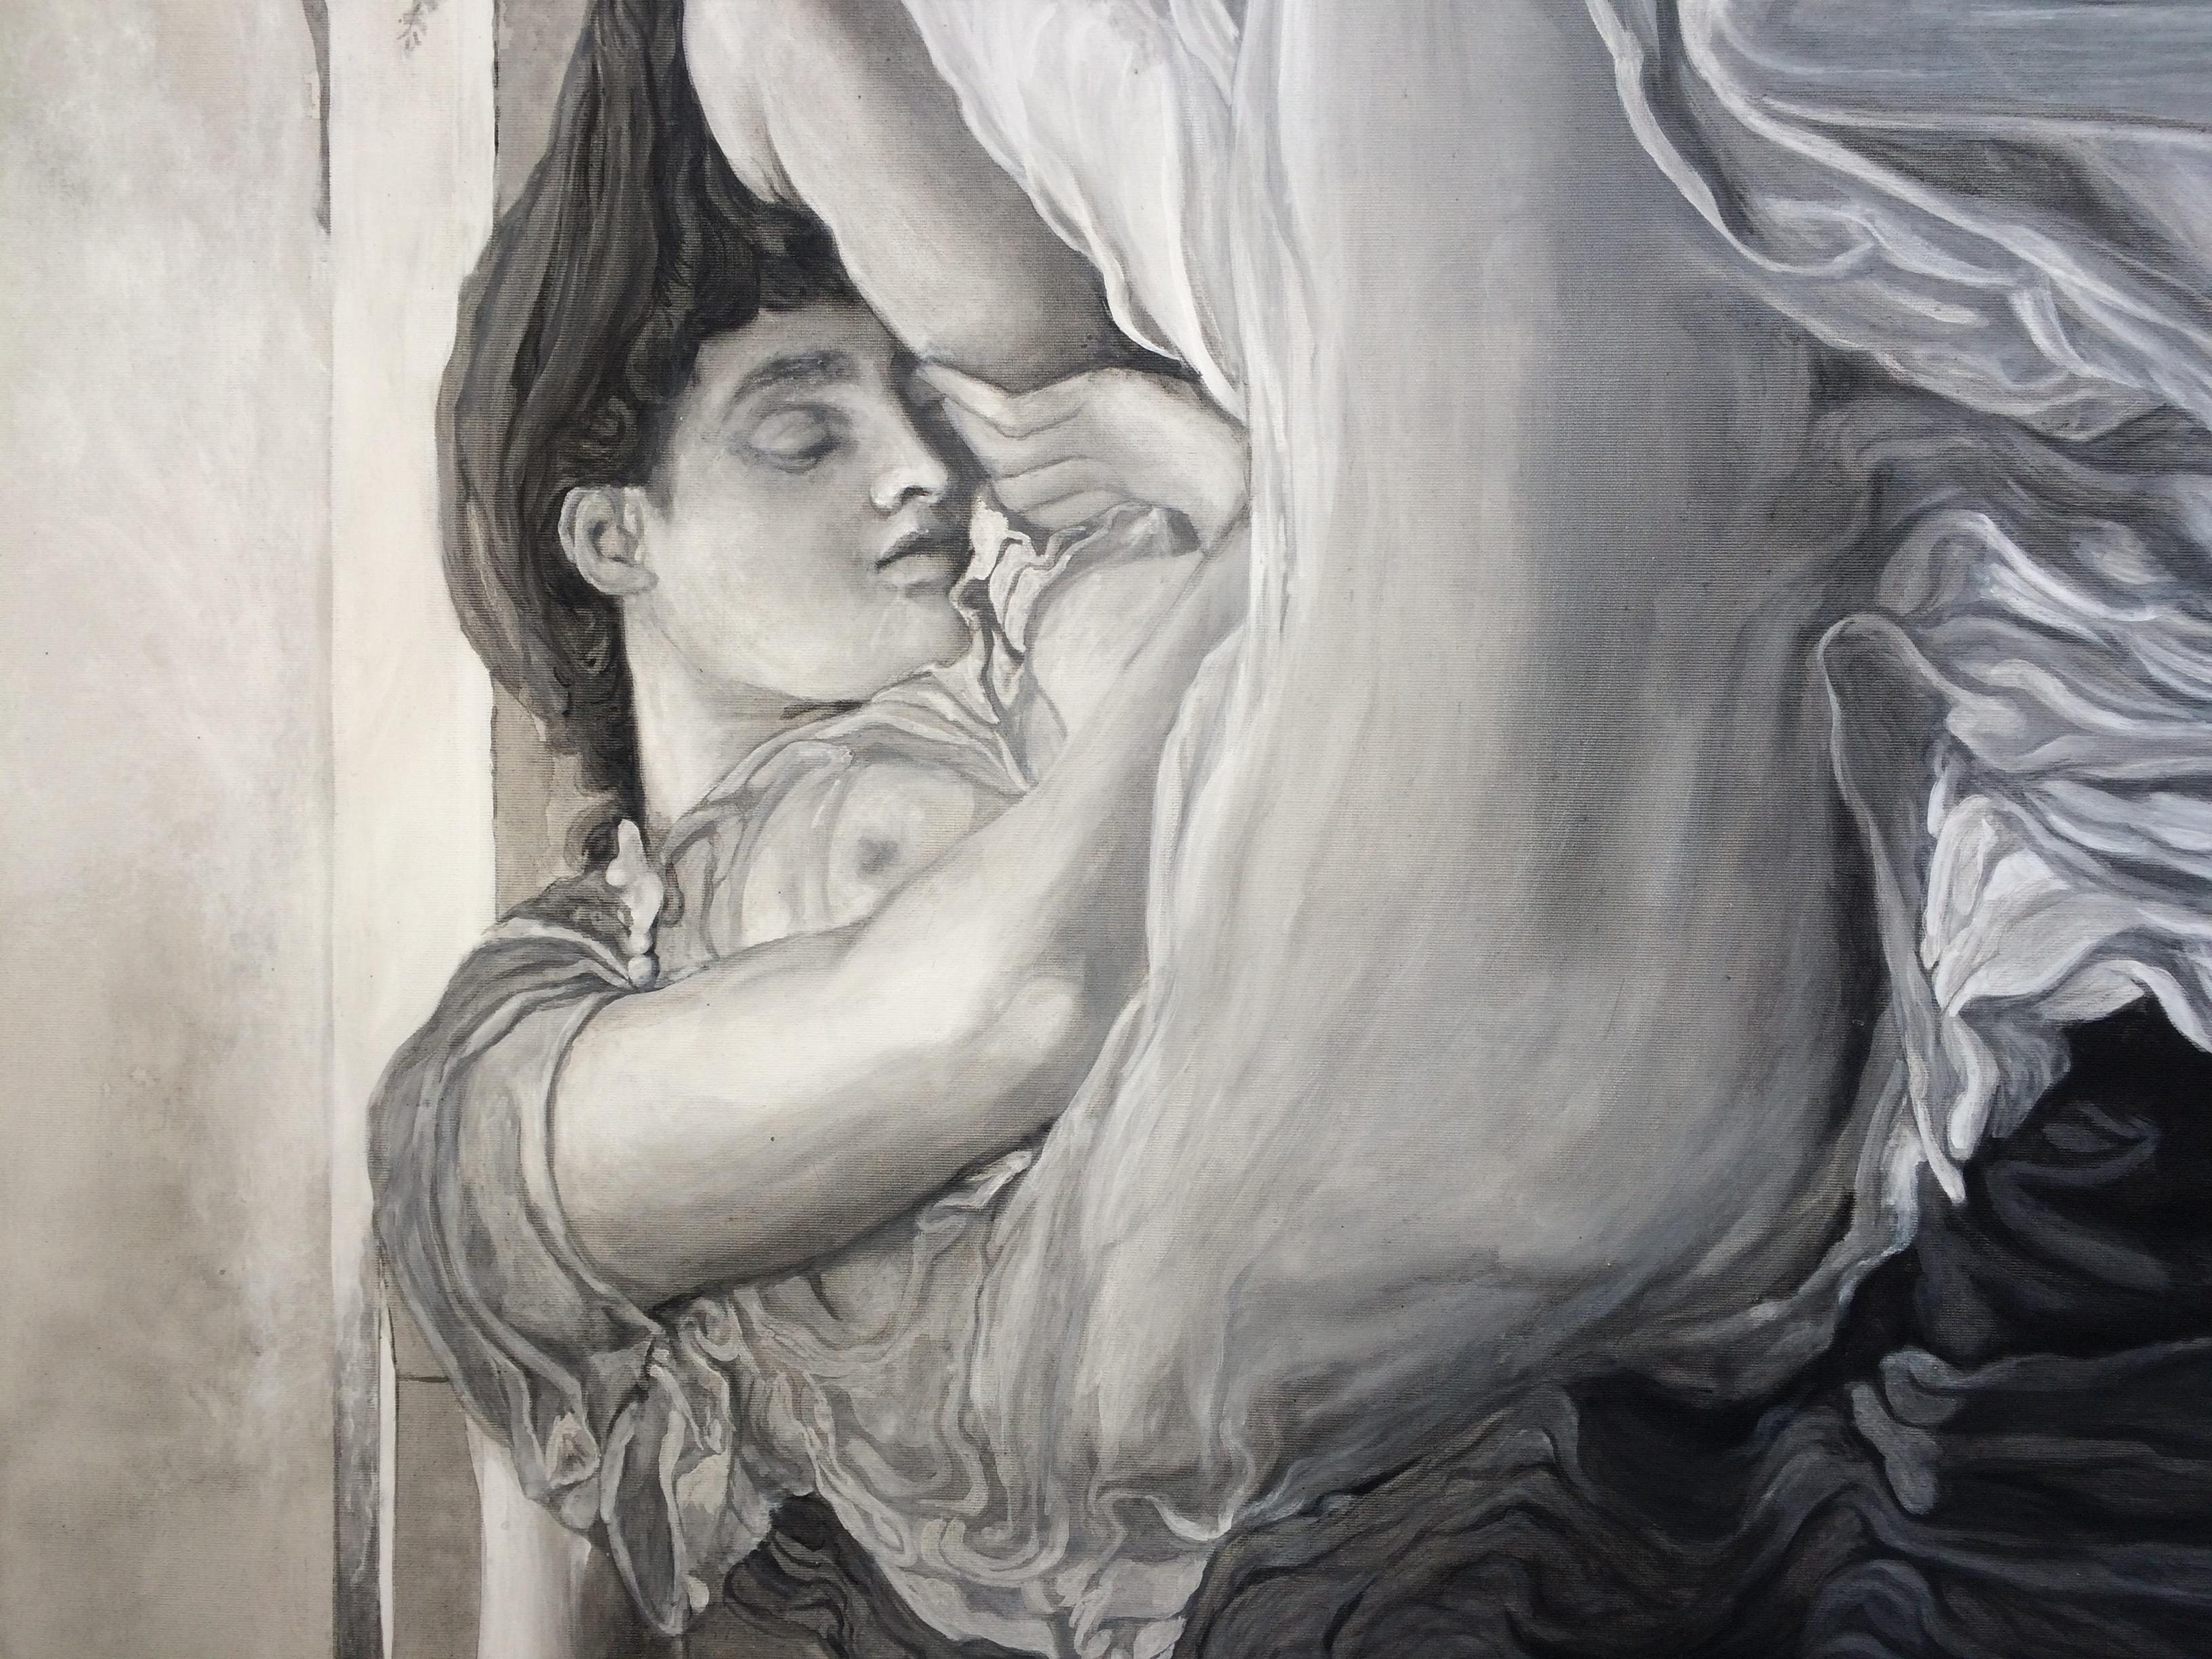 Reproduktion - Orig. von F. Leighton